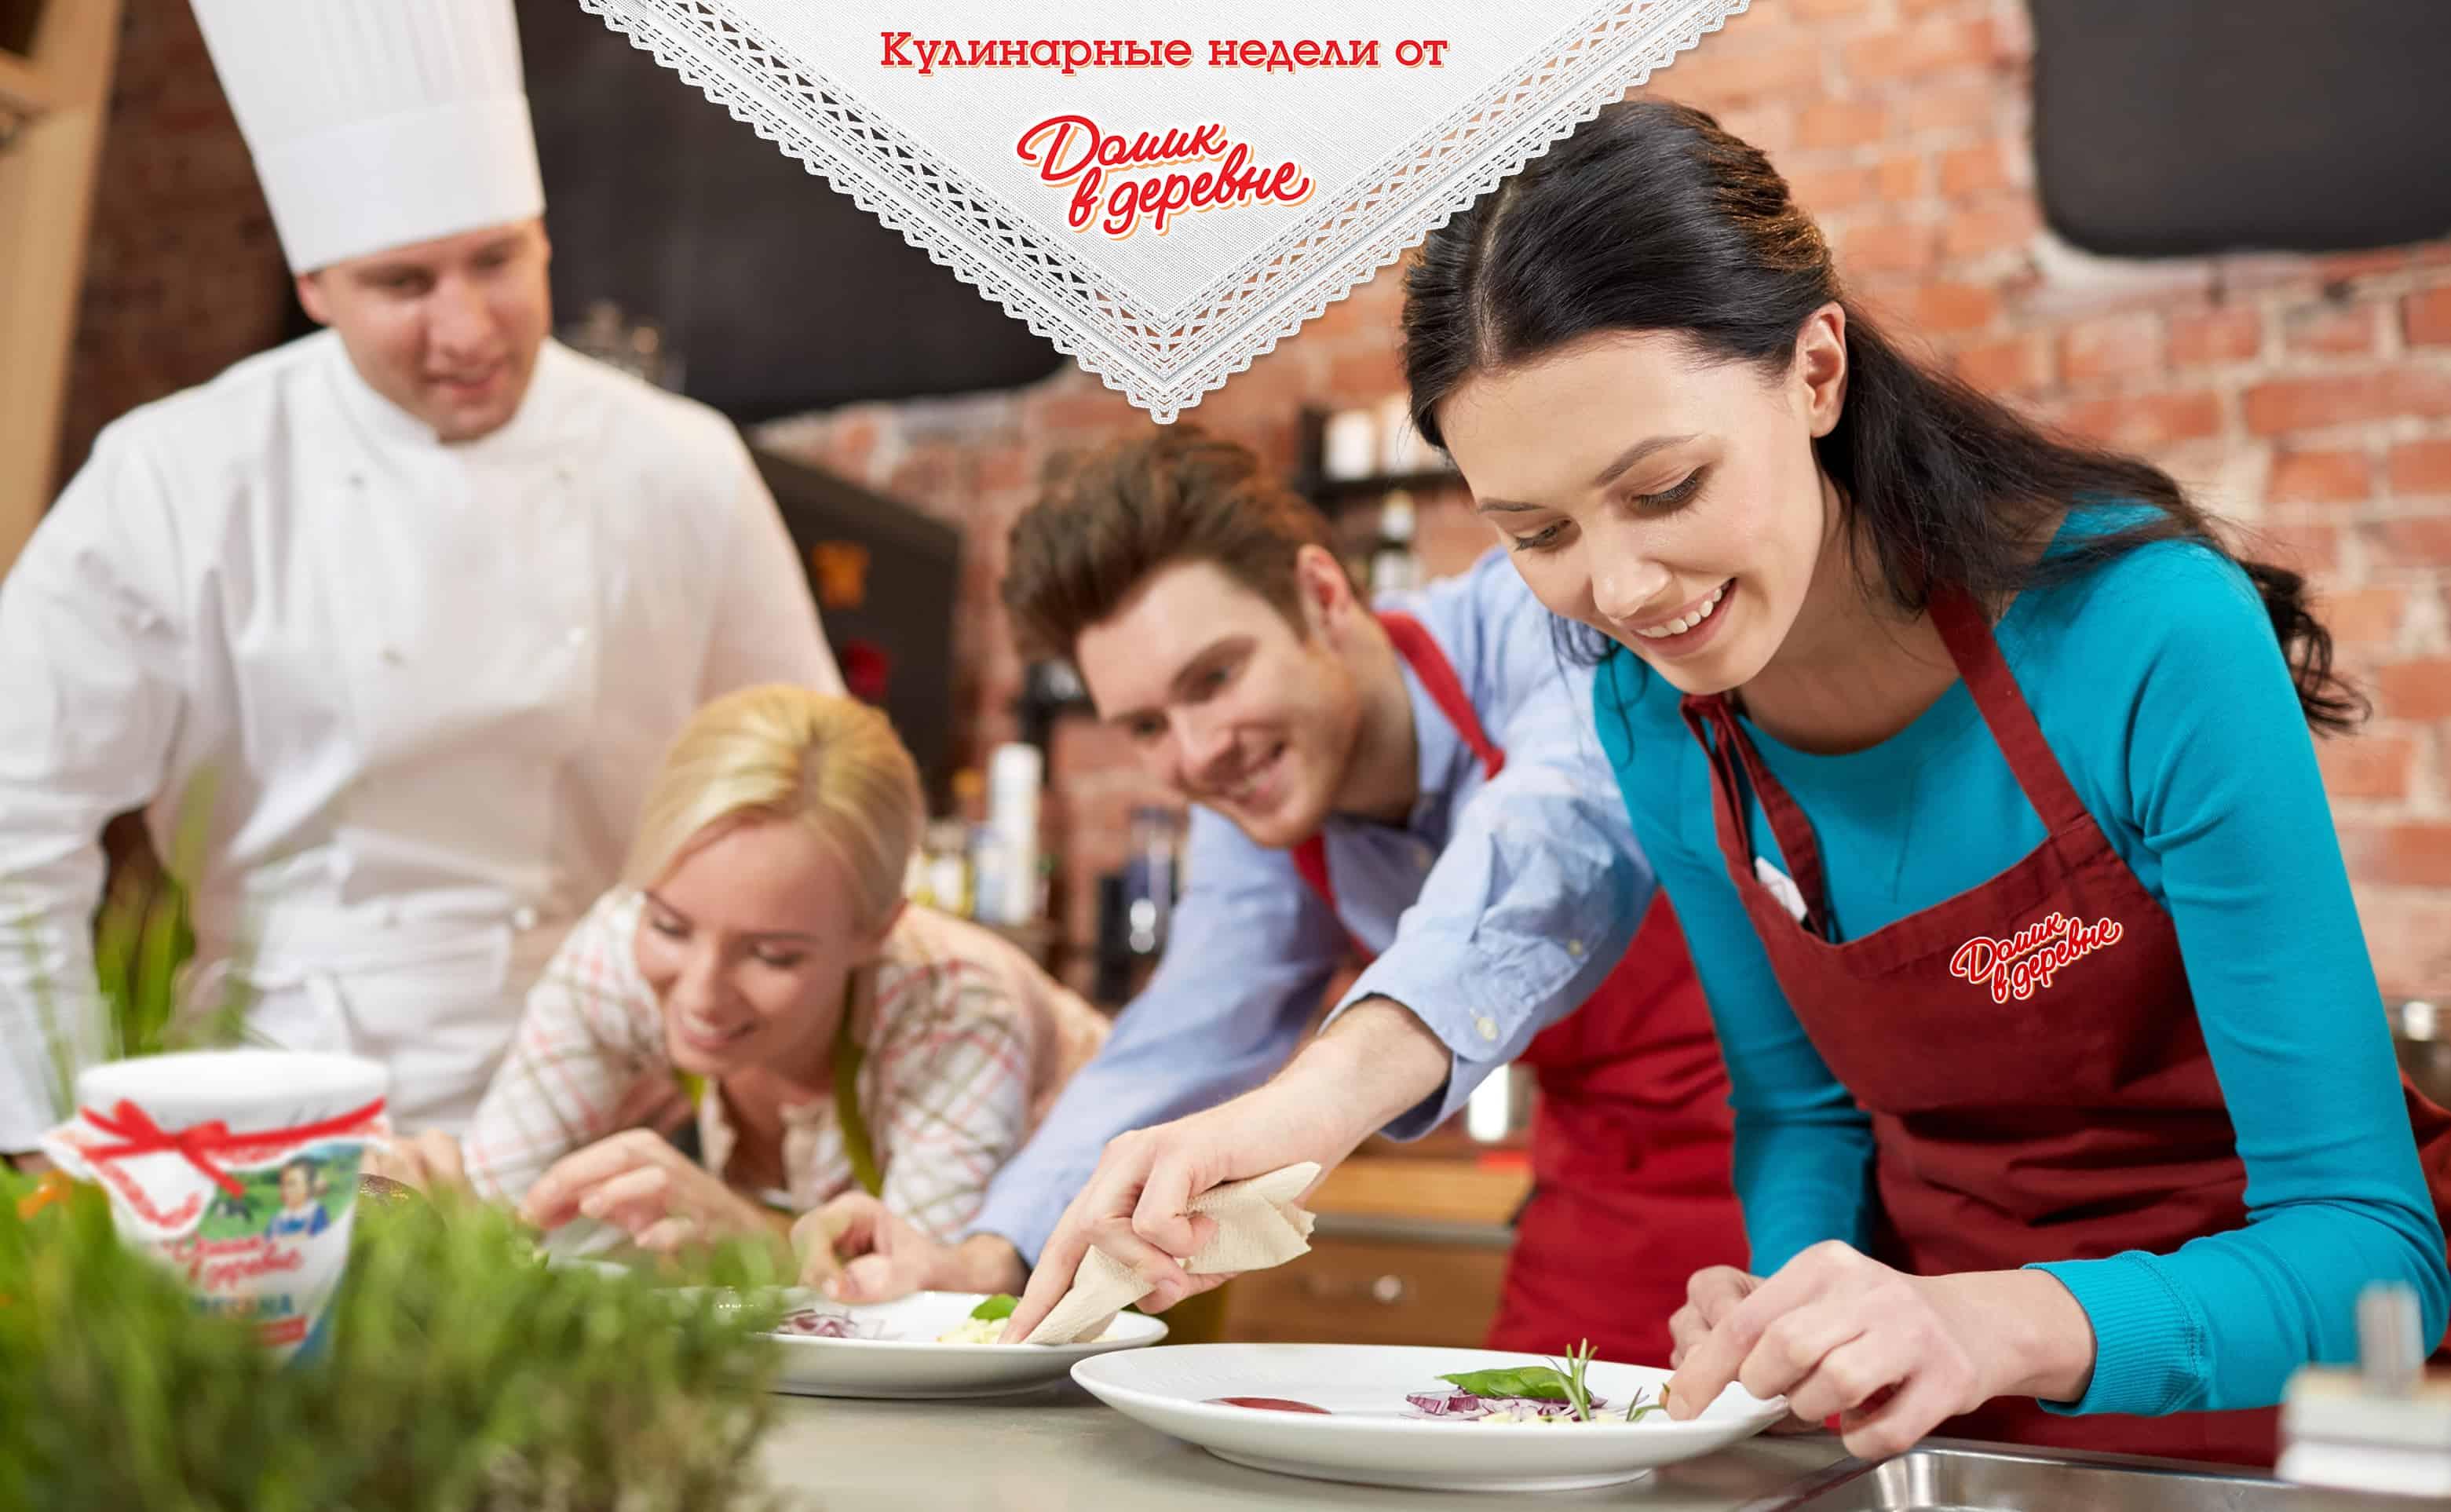 Photo of «Домик в деревне» завершил «Кулинарные недели»! «Домик в деревне» завершил «Кулинарные недели»! «Домик в деревне» завершил «Кулинарные недели»!